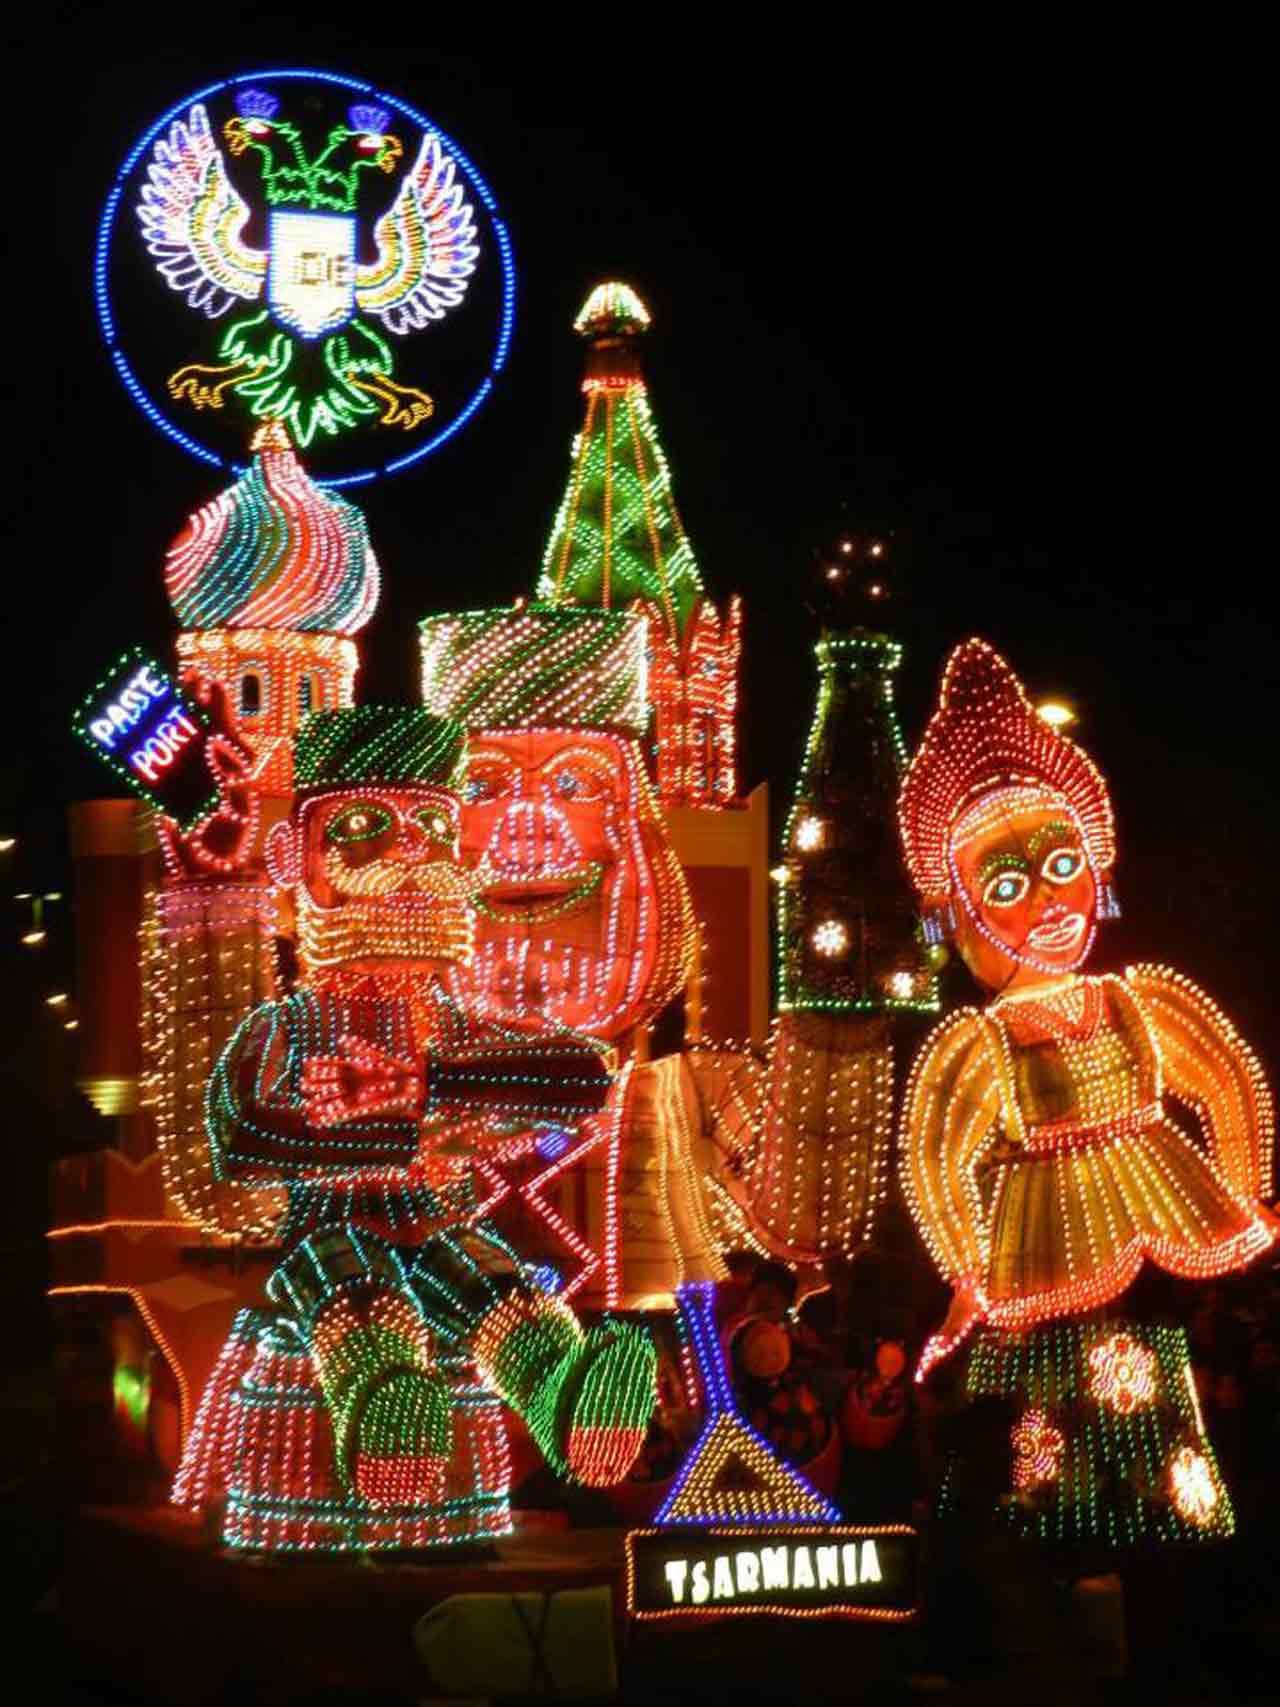 Le carnaval de Cholet